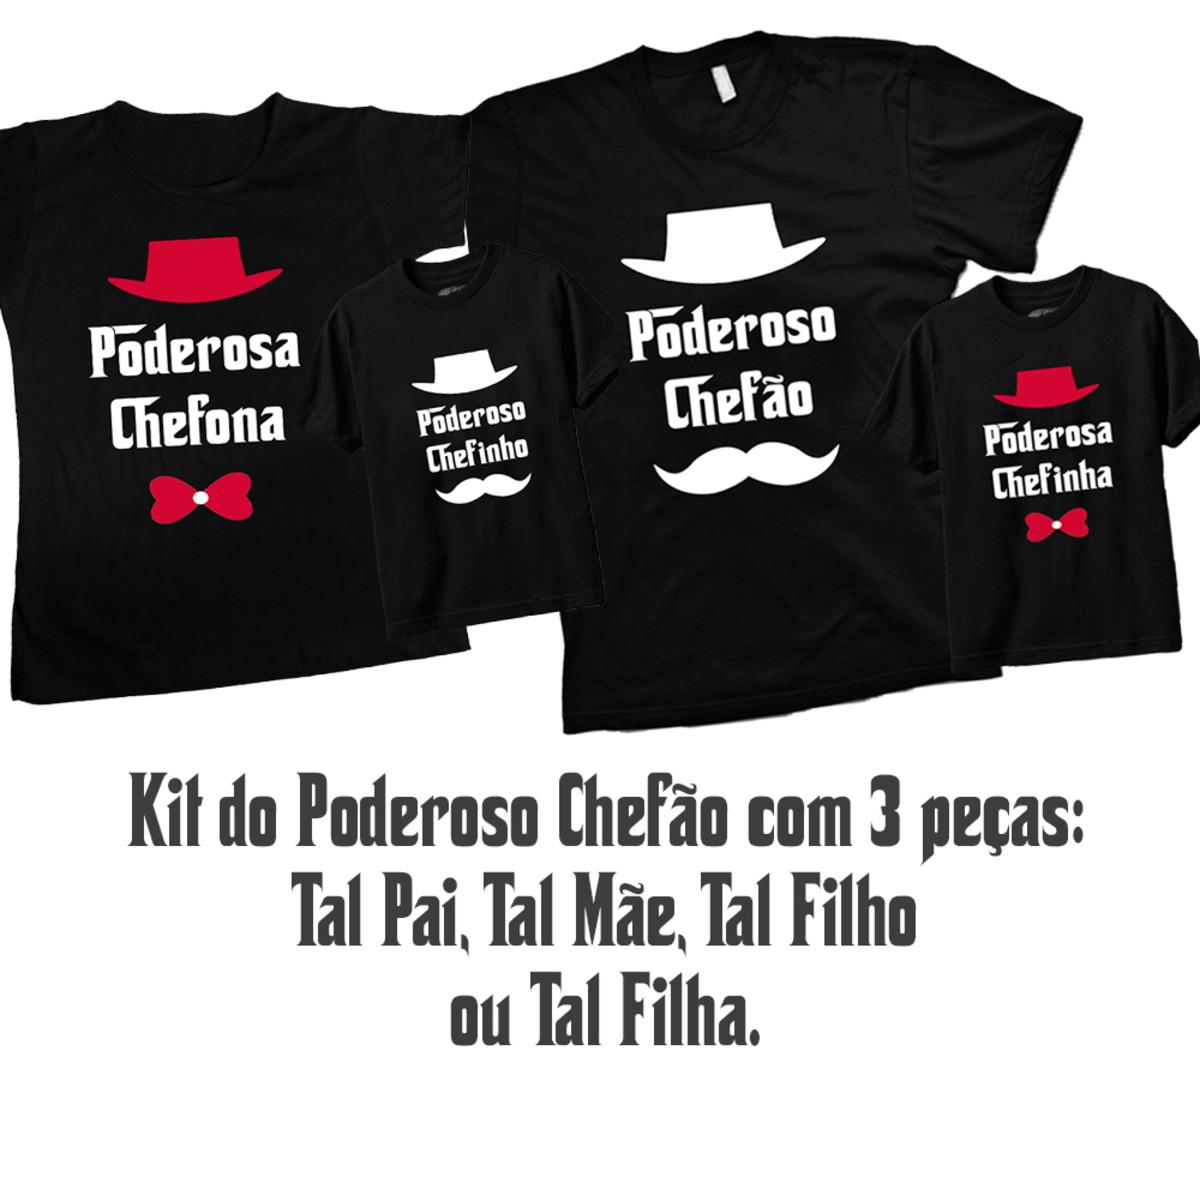 abbe5911f98ee0 Kit Tal Pai Tal Mãe Tal Filho(a) Poderoso Chefão com 3 peças